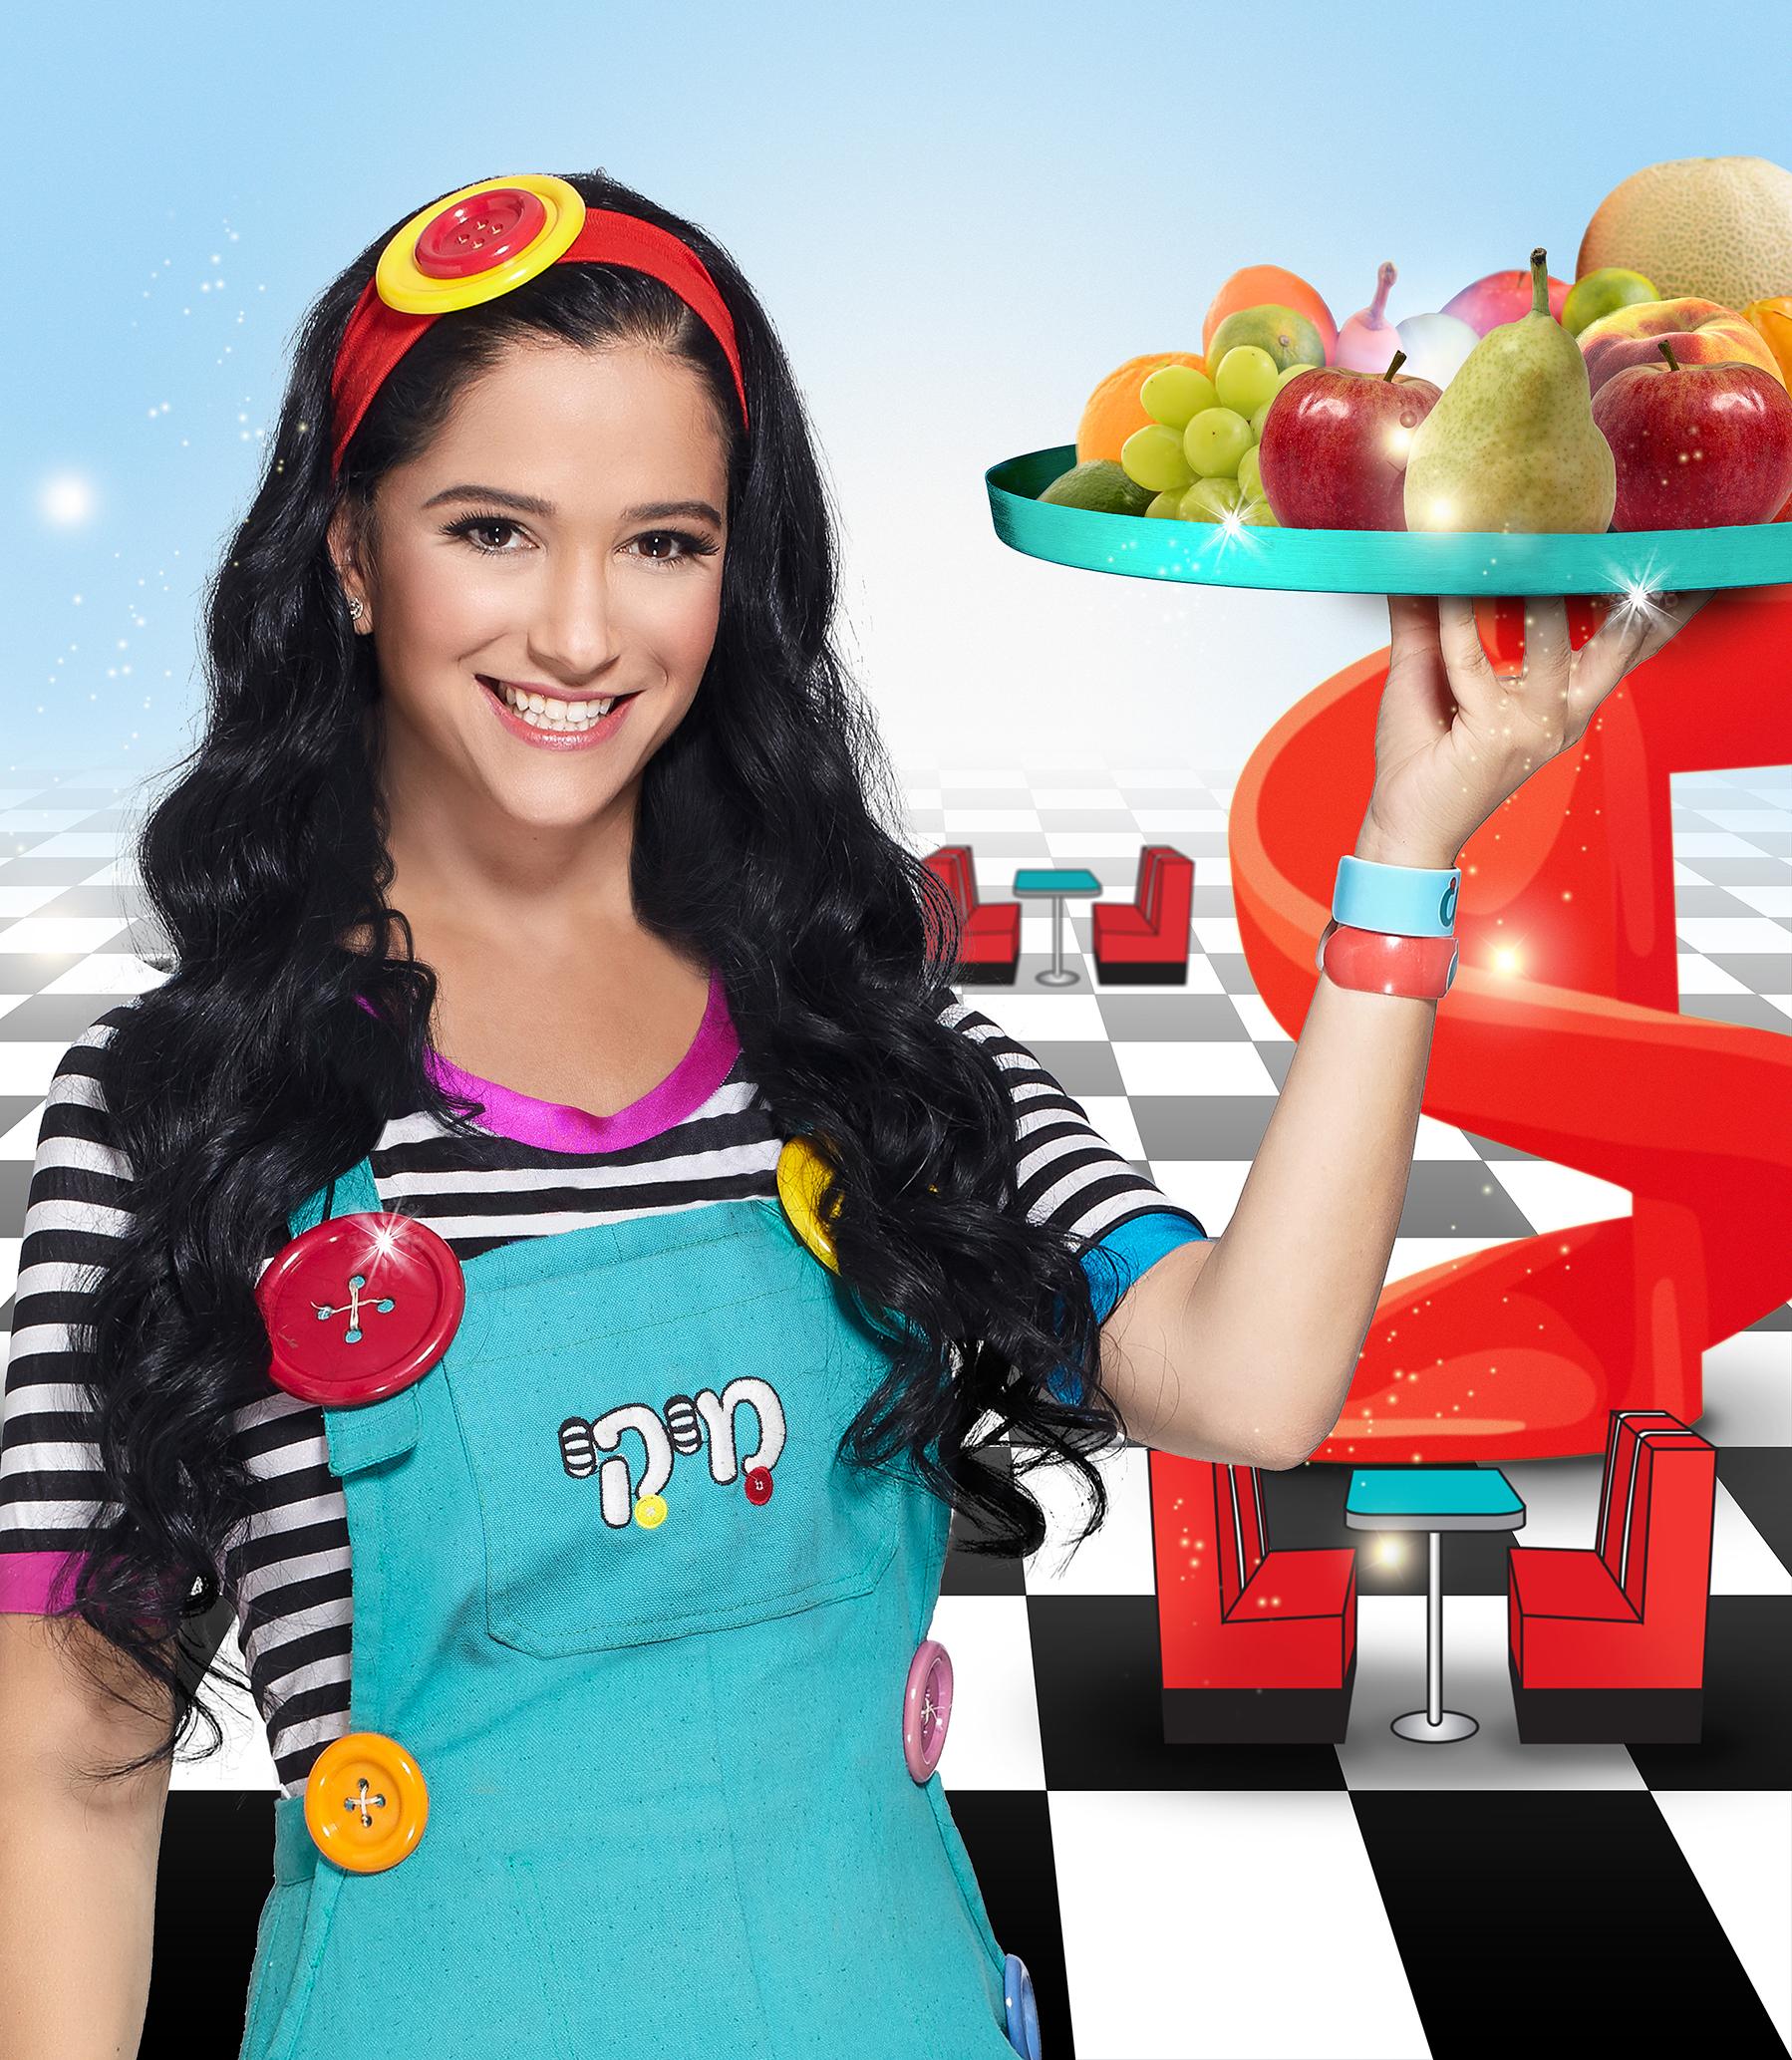 כוכבת הילדים מיקי מעלה הצגה חדשה, המסעדה של מיקי – ההצגה!